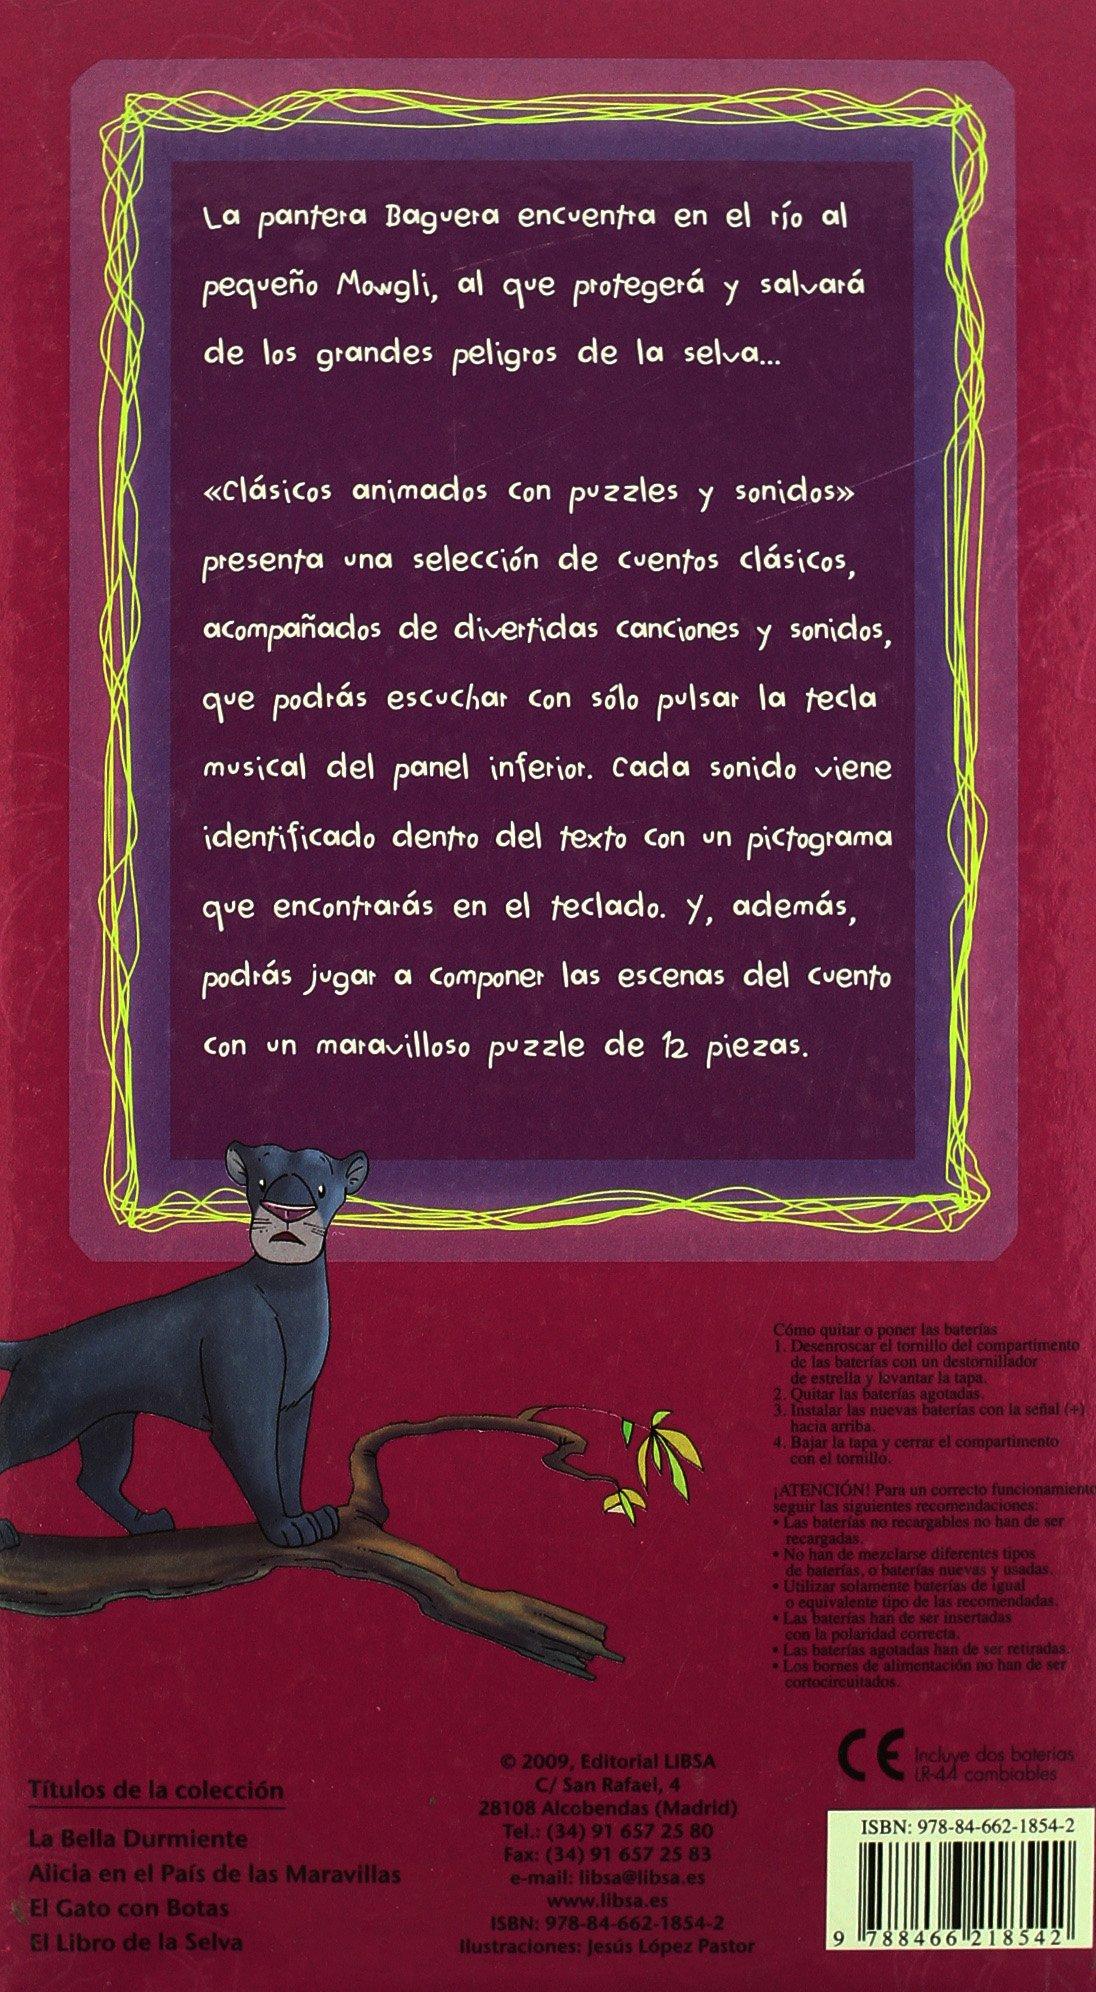 Amazon.com: El libro de la selva / The Jungle Book (Spanish Edition) (9788466218542): Jesus Lopez Pastor: Books